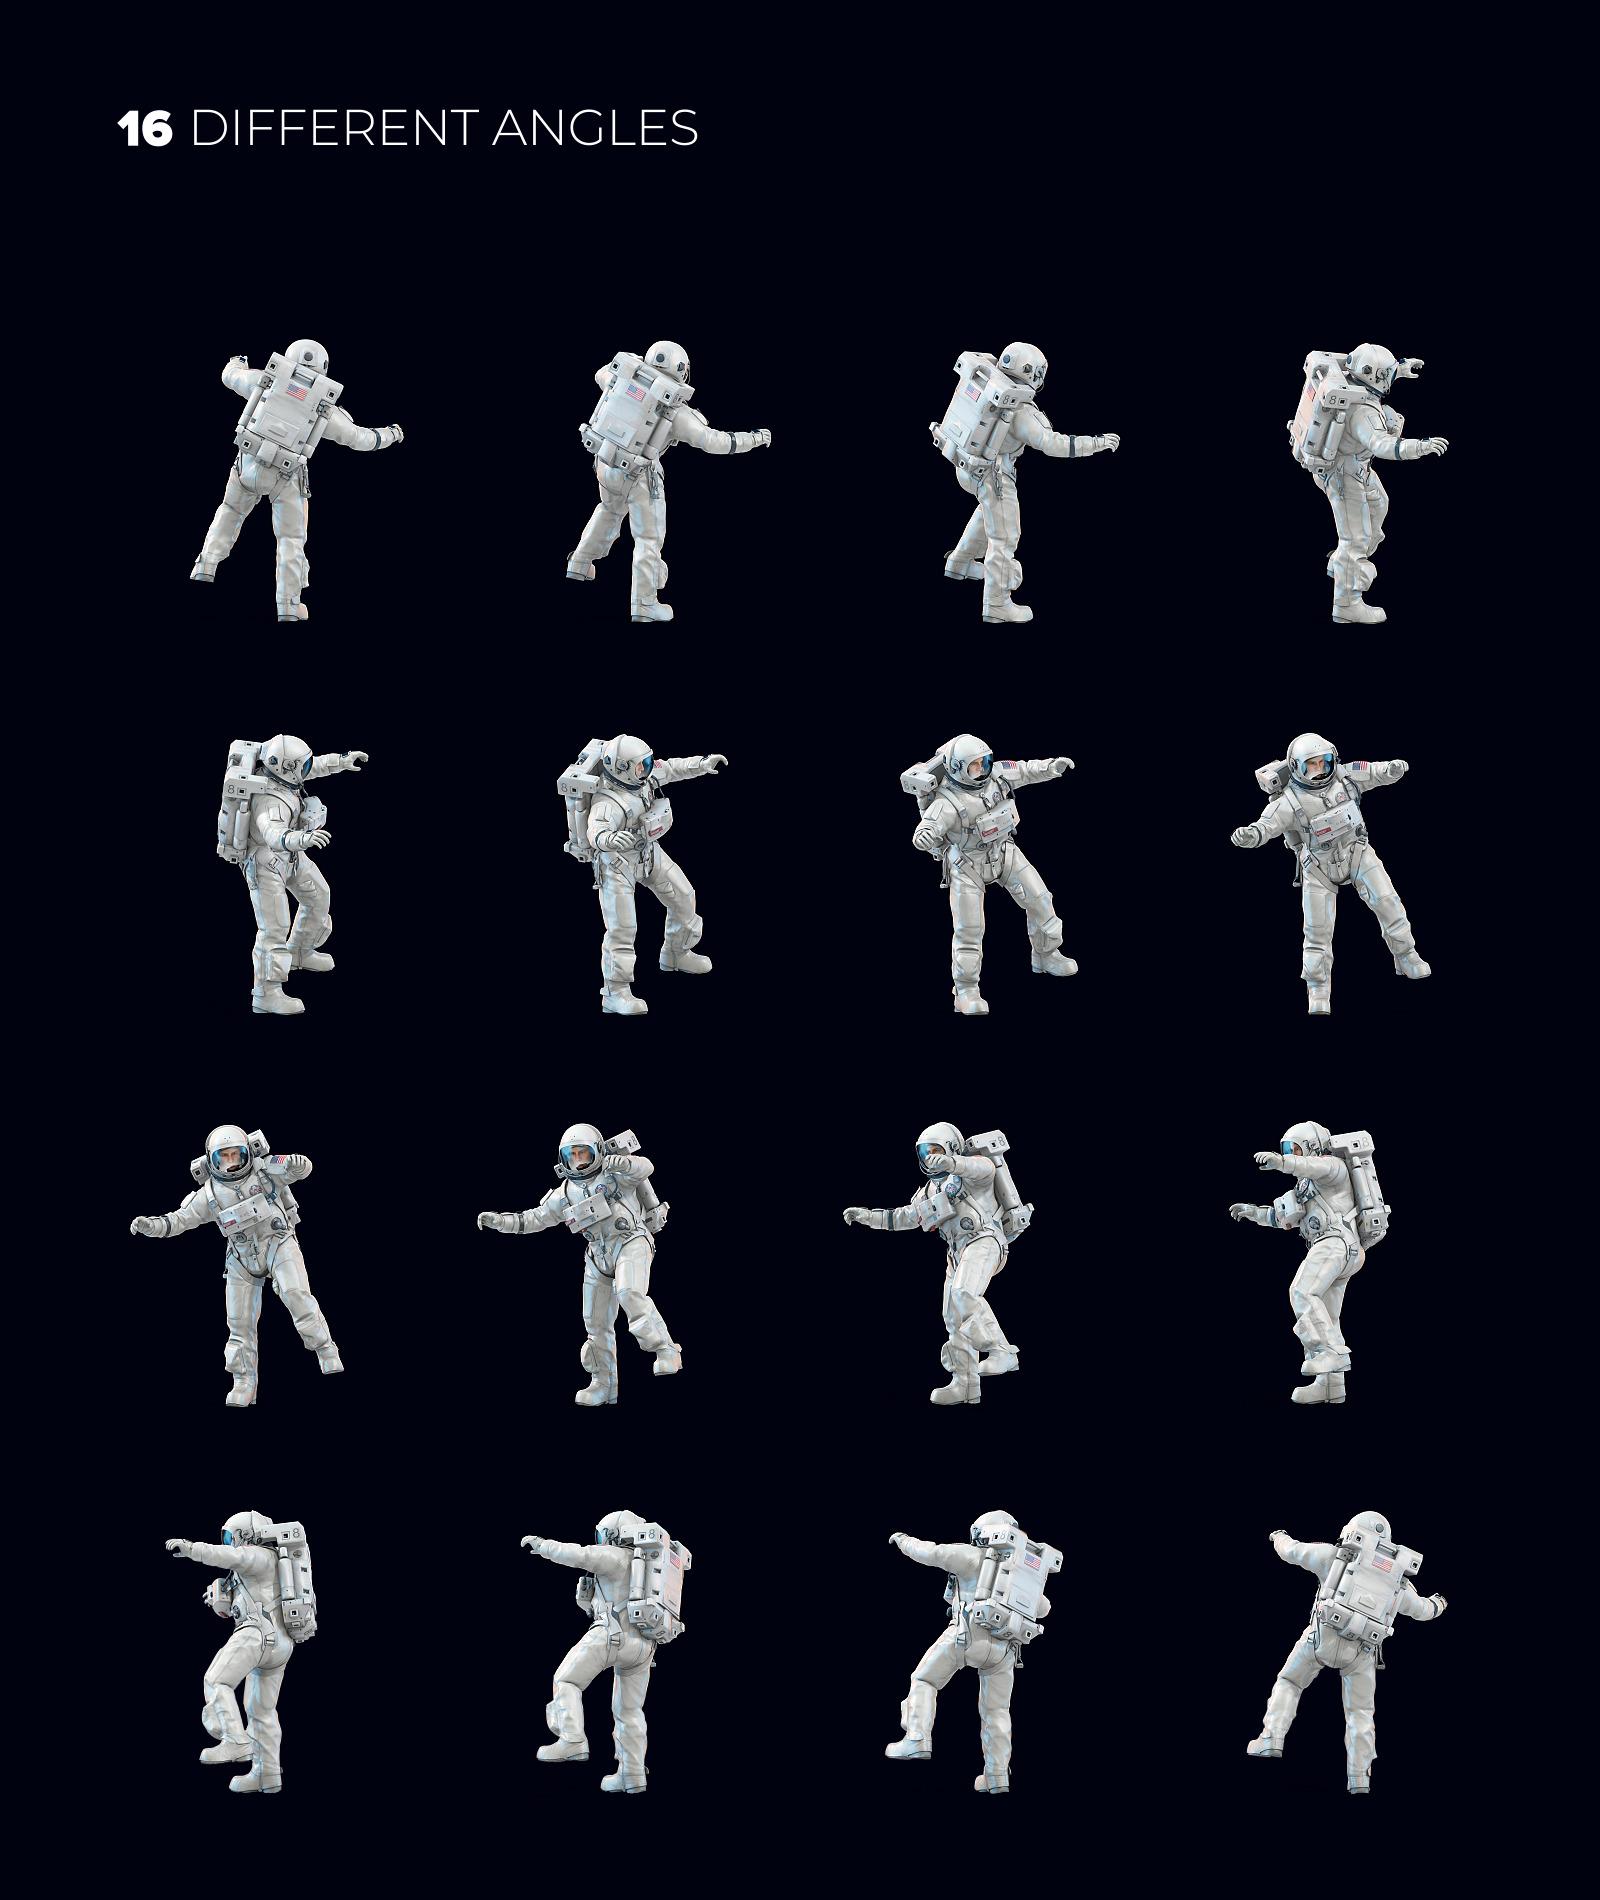 16款多角度太空宇航员3D模型平面设计PS素材源文件 3D Mockup Space Astronaut #11插图(1)